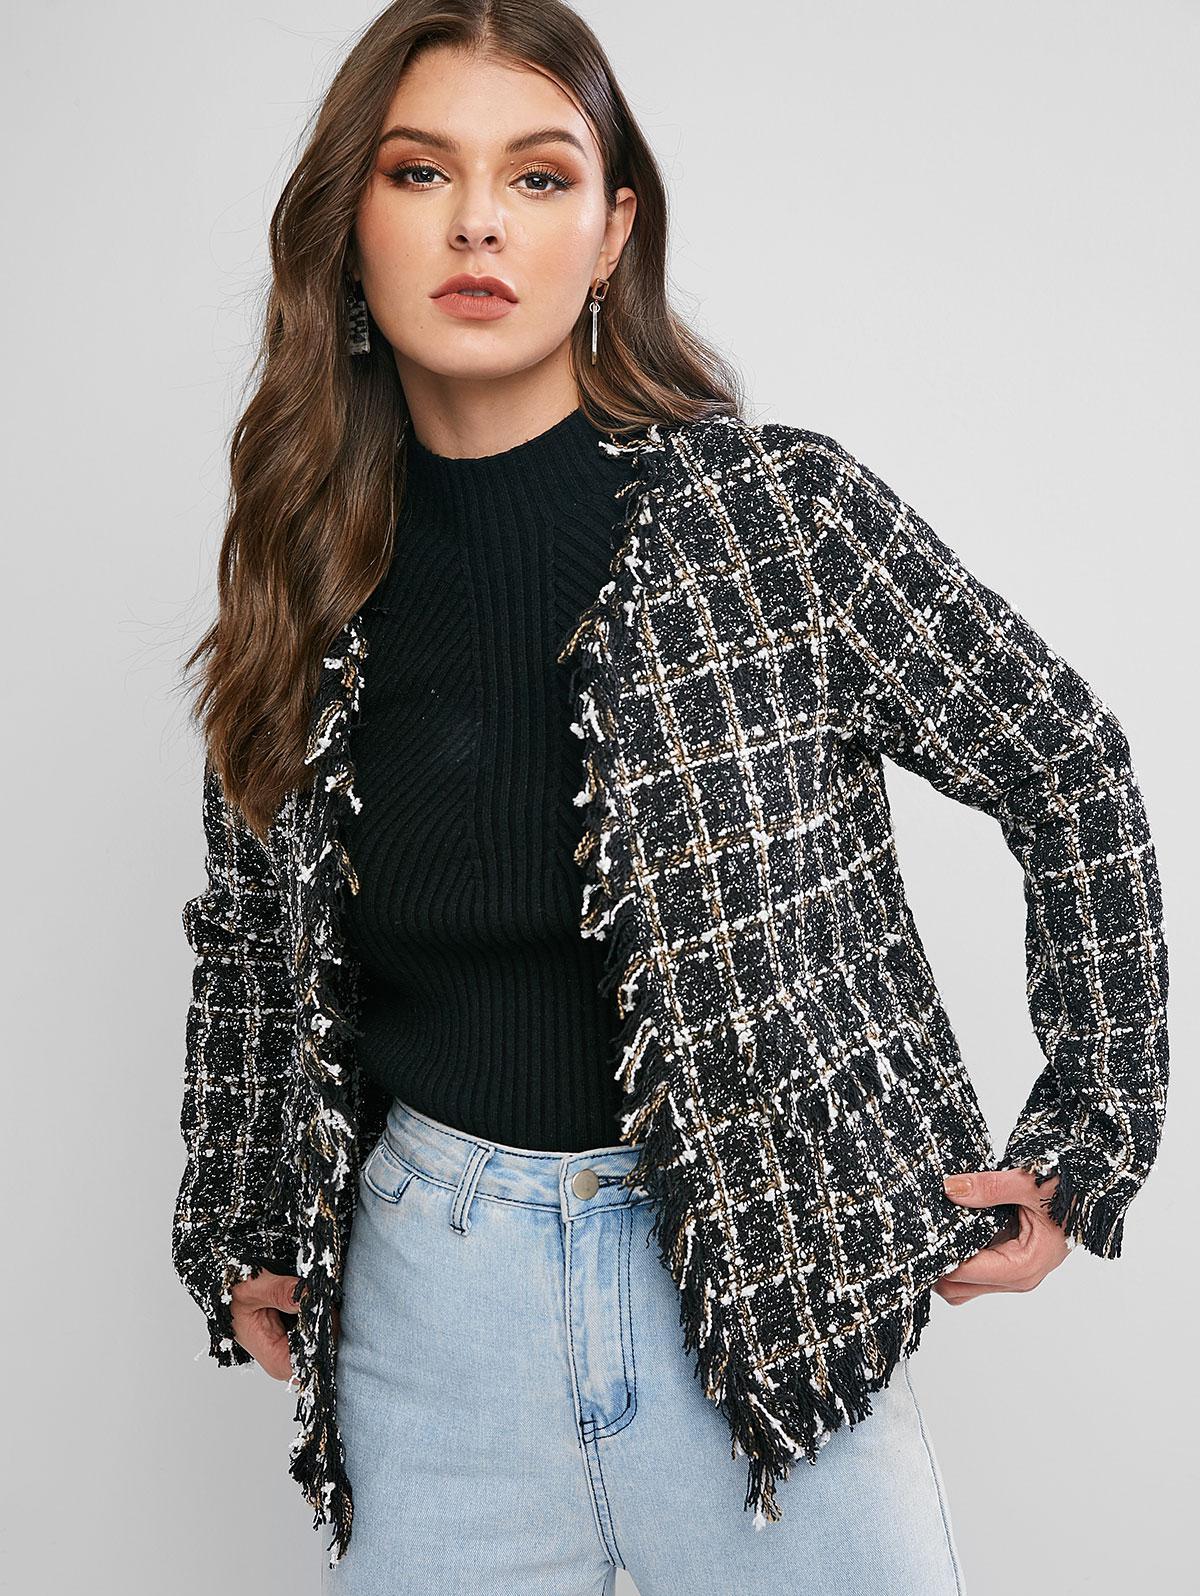 ZAFUL Fringed Plaid Flap Pockets Tweed Jacket